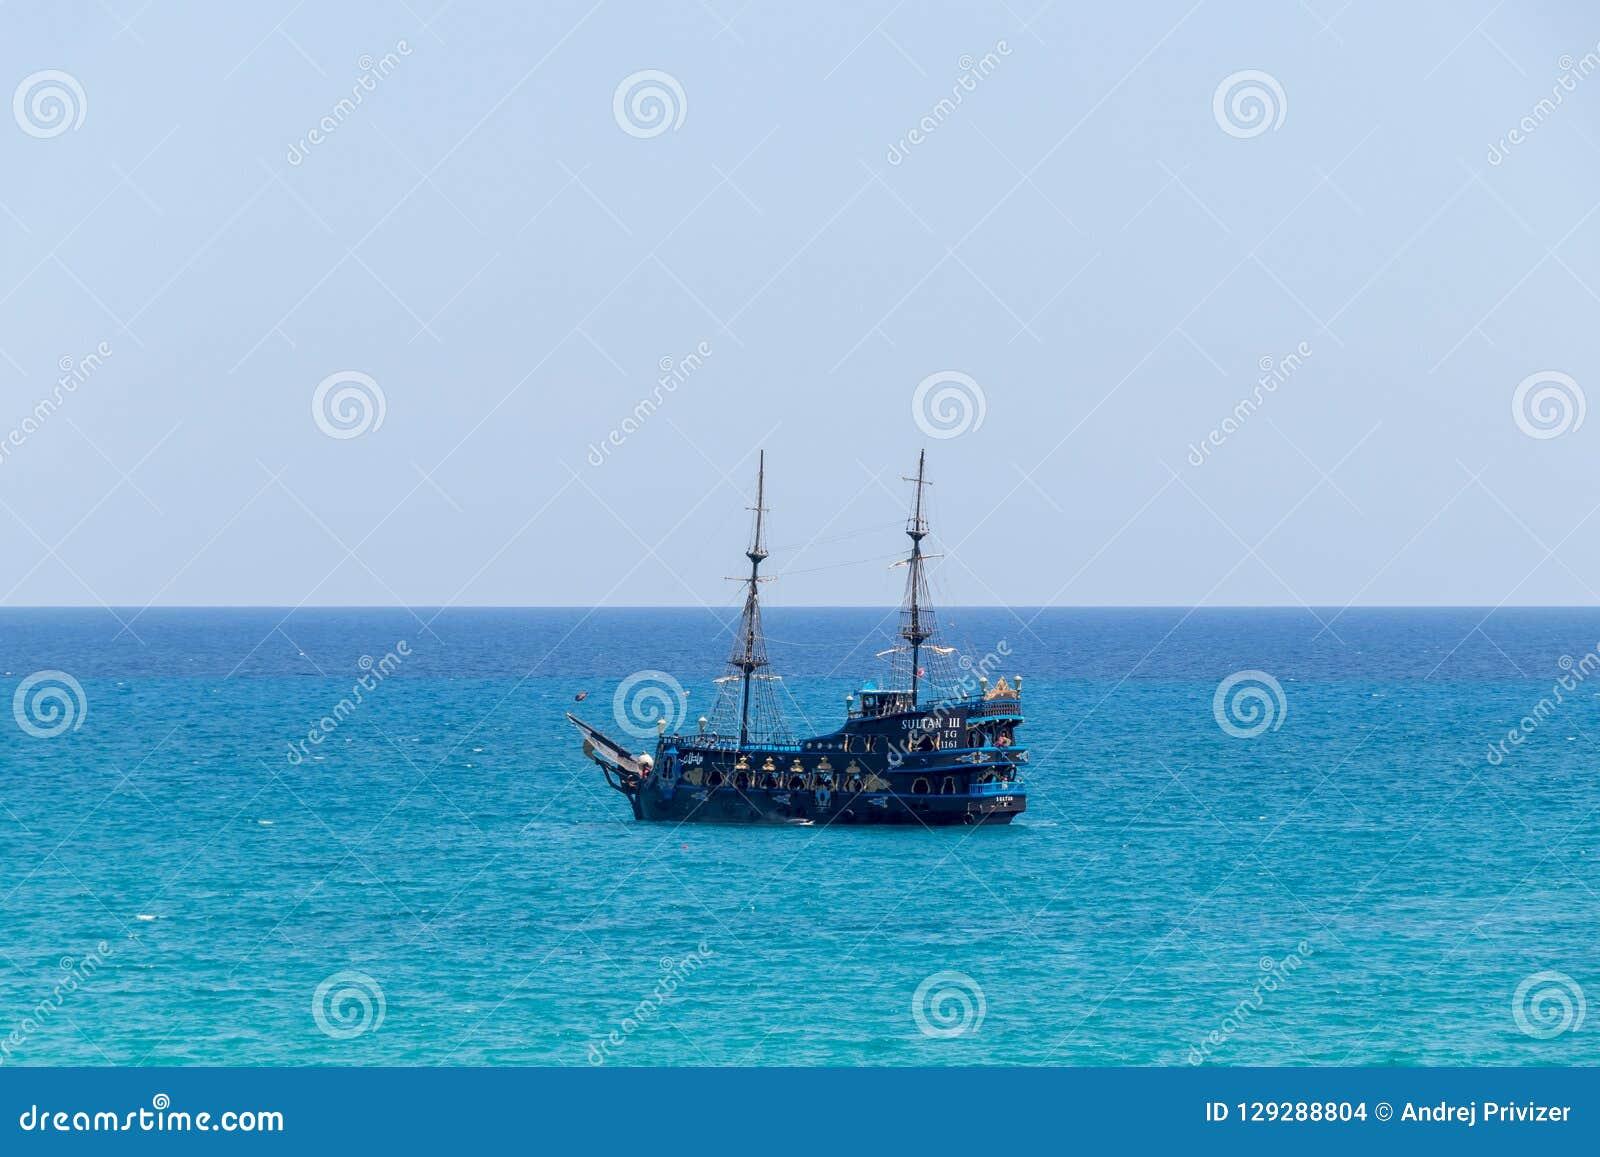 Pirate ship in the Mediterranean Sea